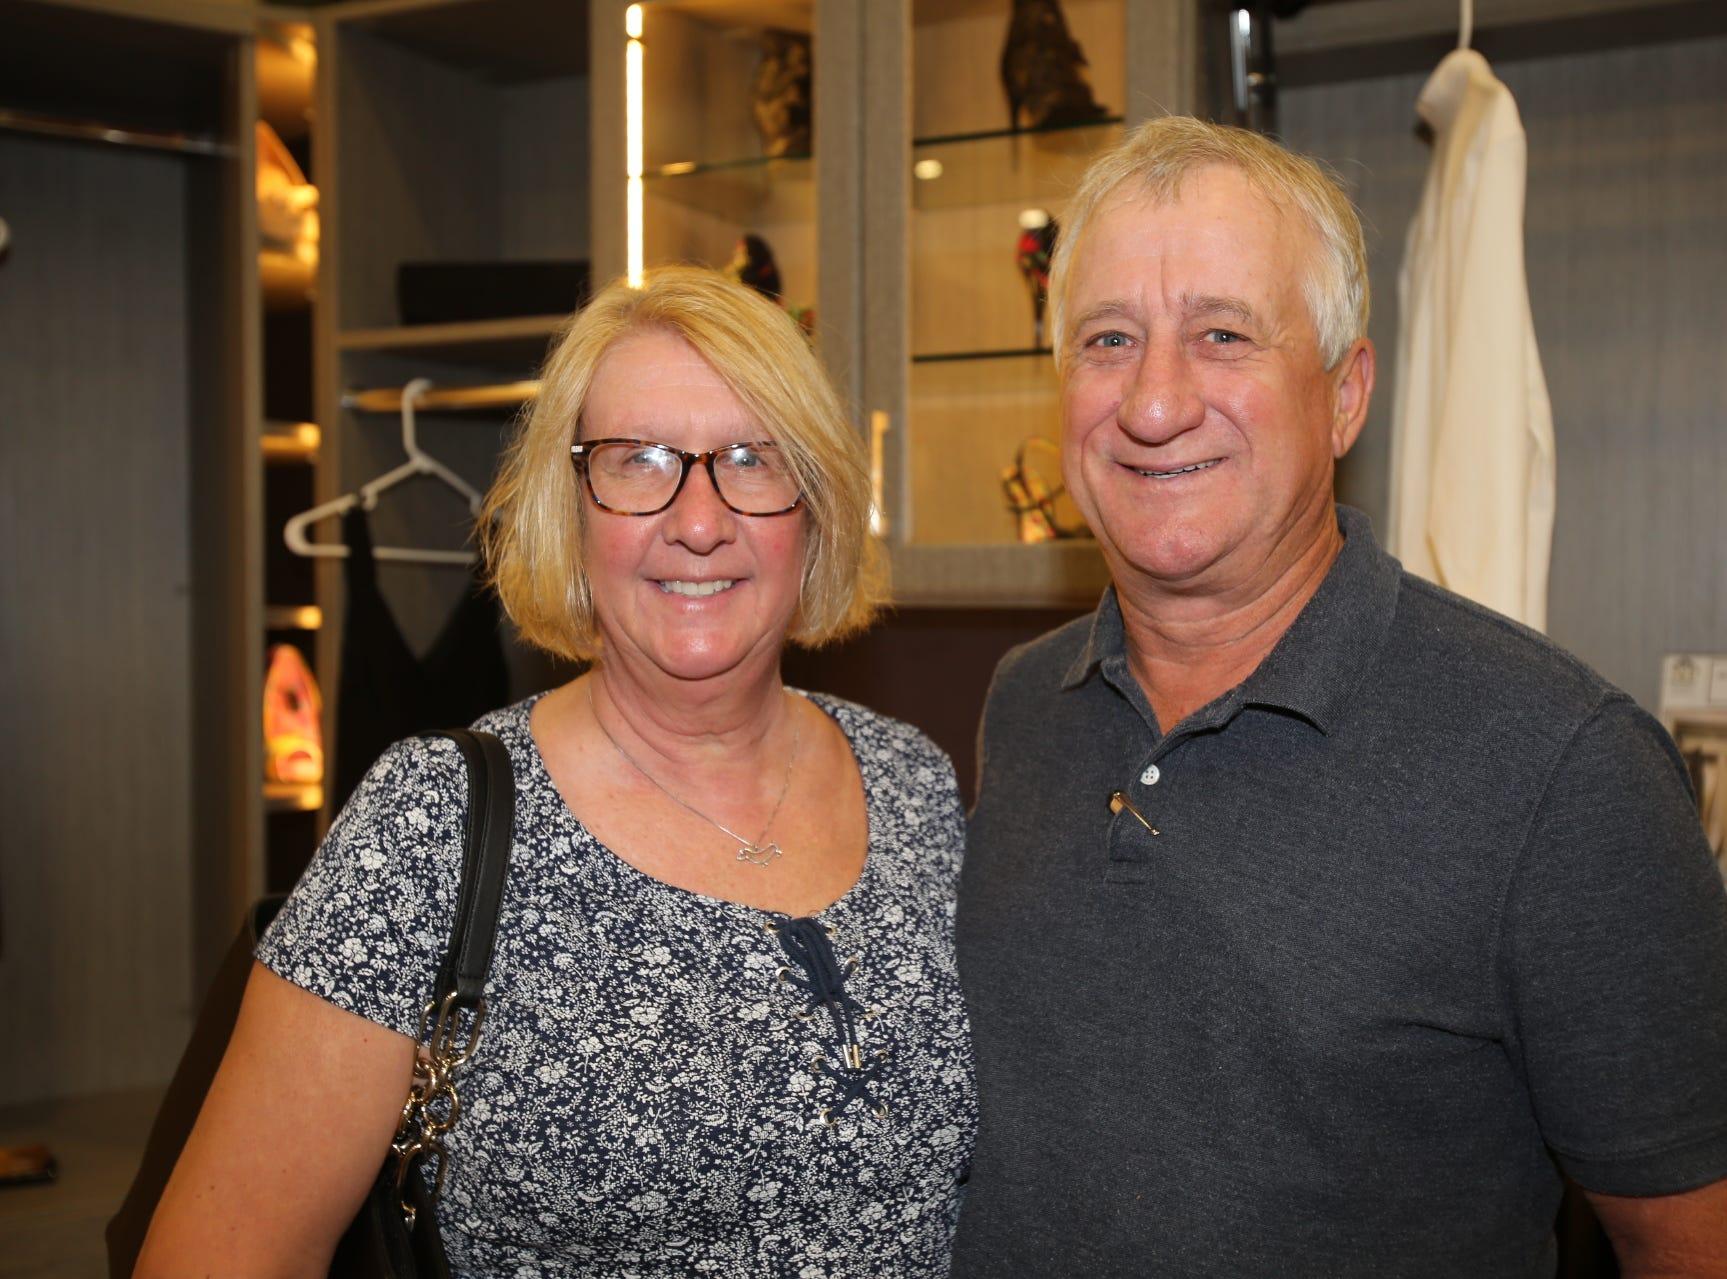 Sue Knox and Rick Shaddox